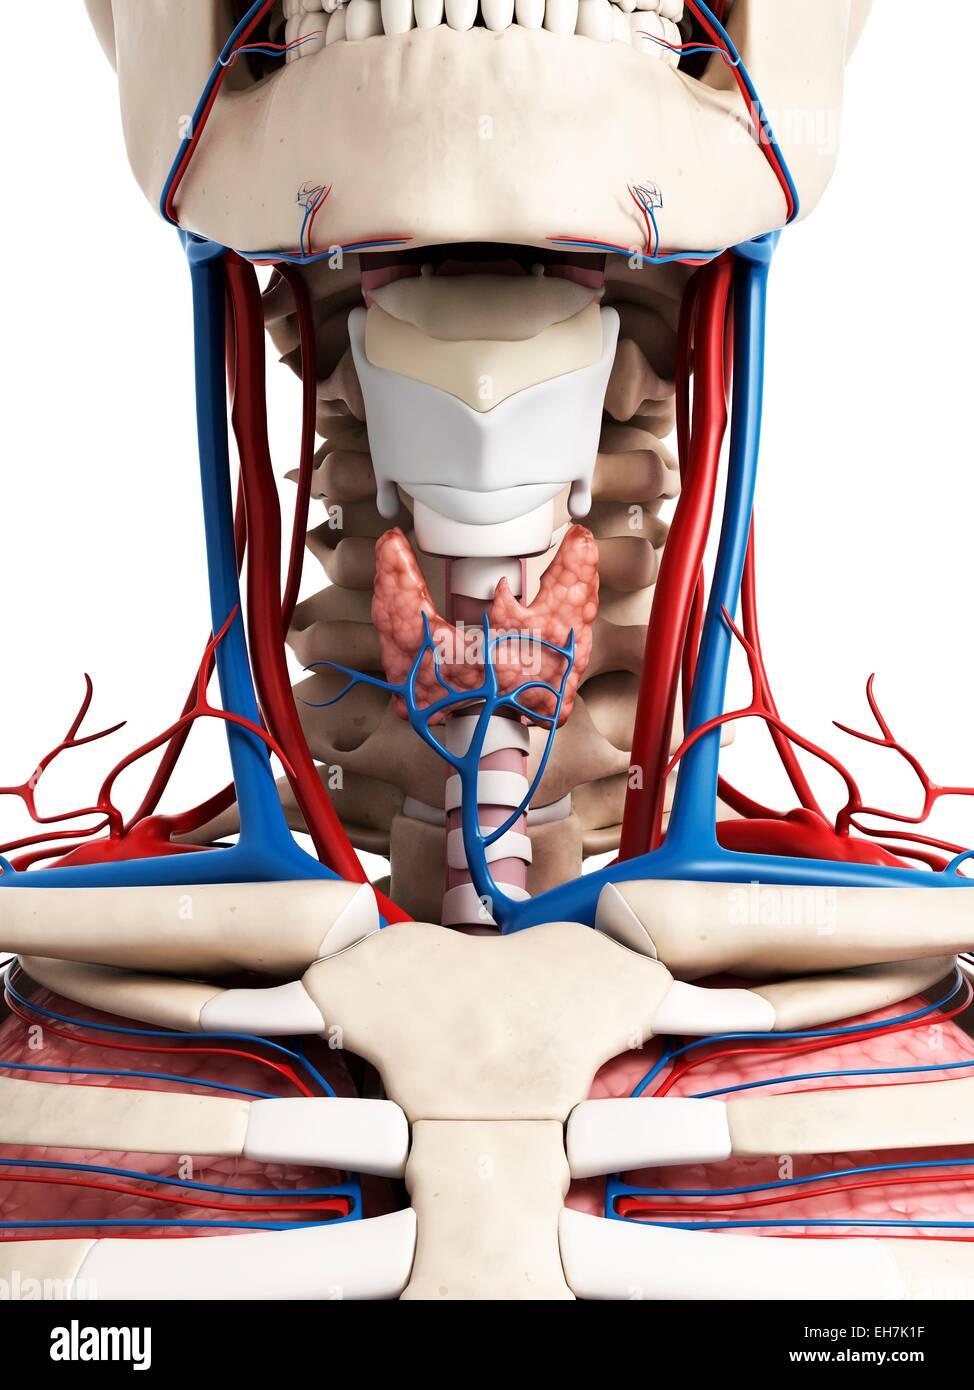 Menschlichen Hals Anatomie, Abbildung Stockfoto, Bild: 79459227 - Alamy